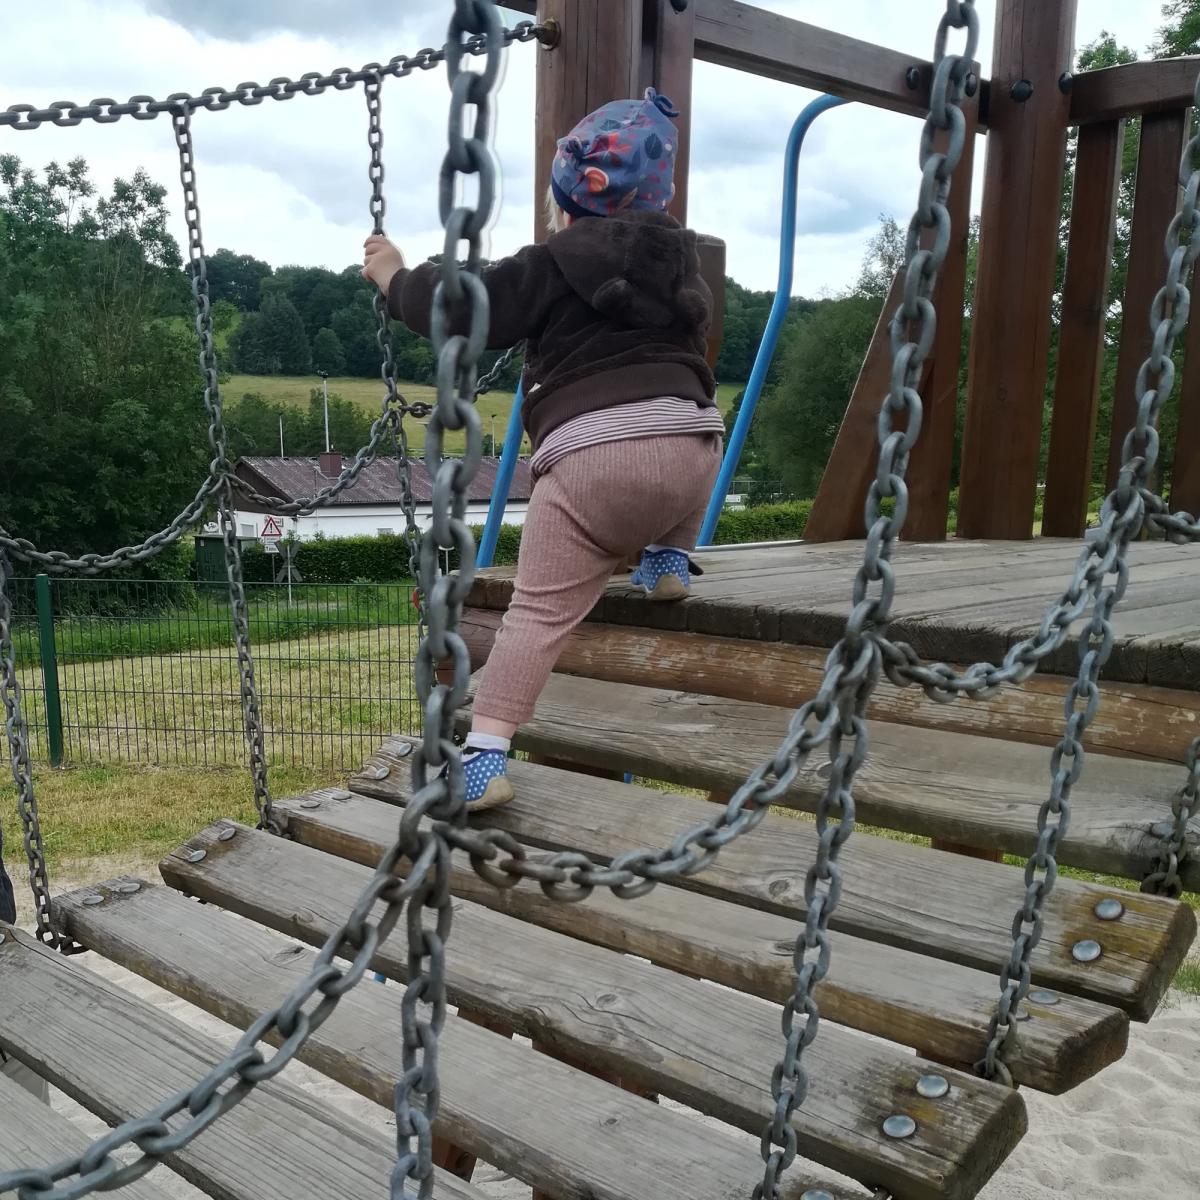 selbstständig Klettern